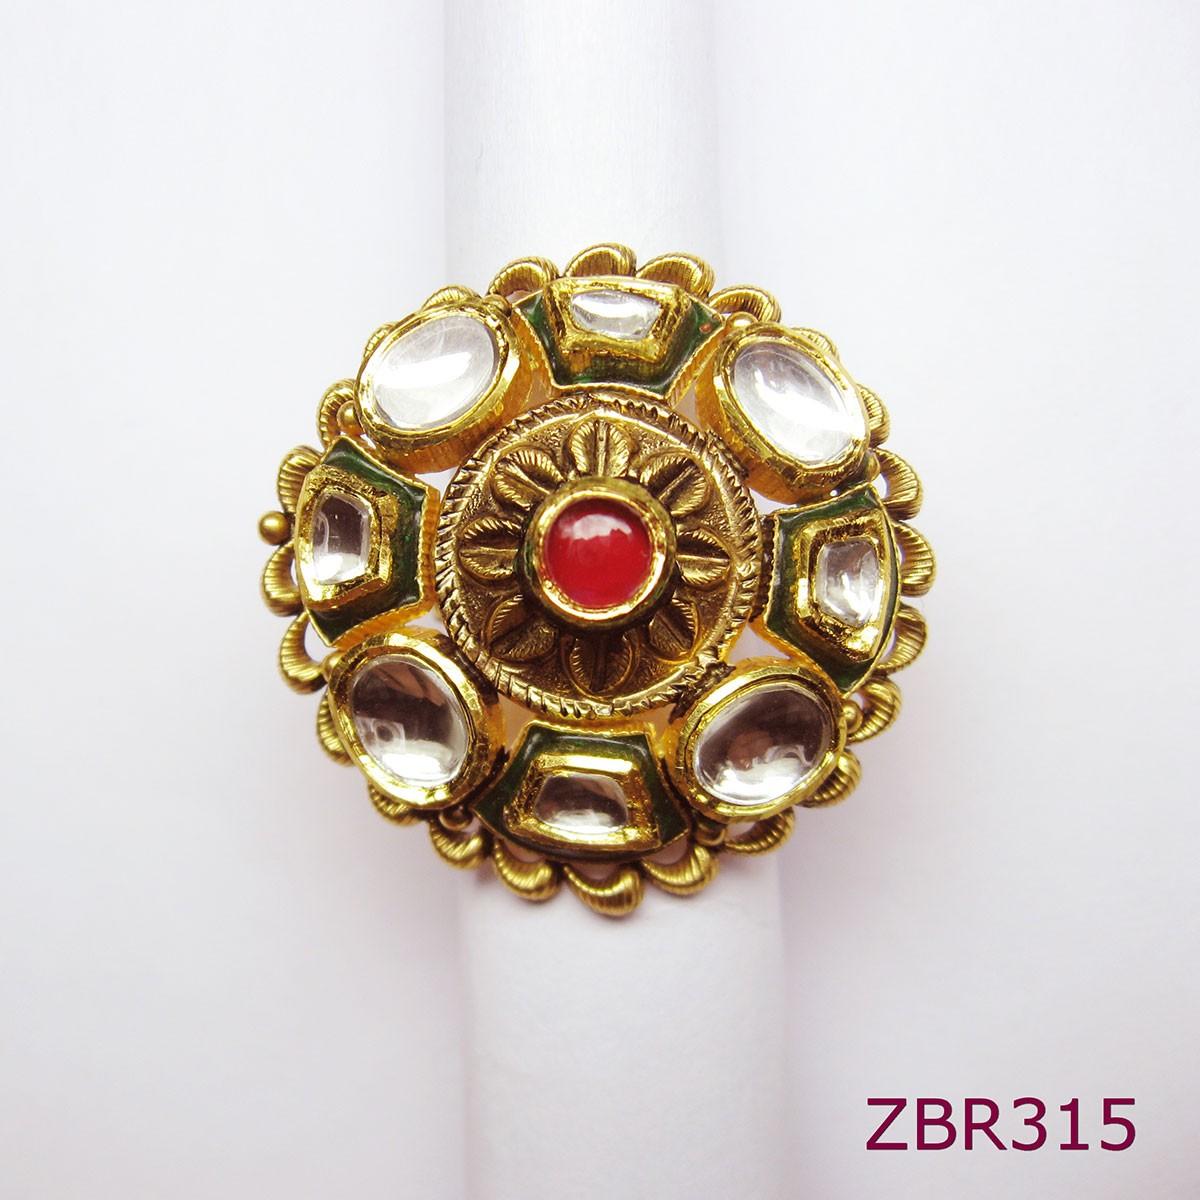 ZBR315